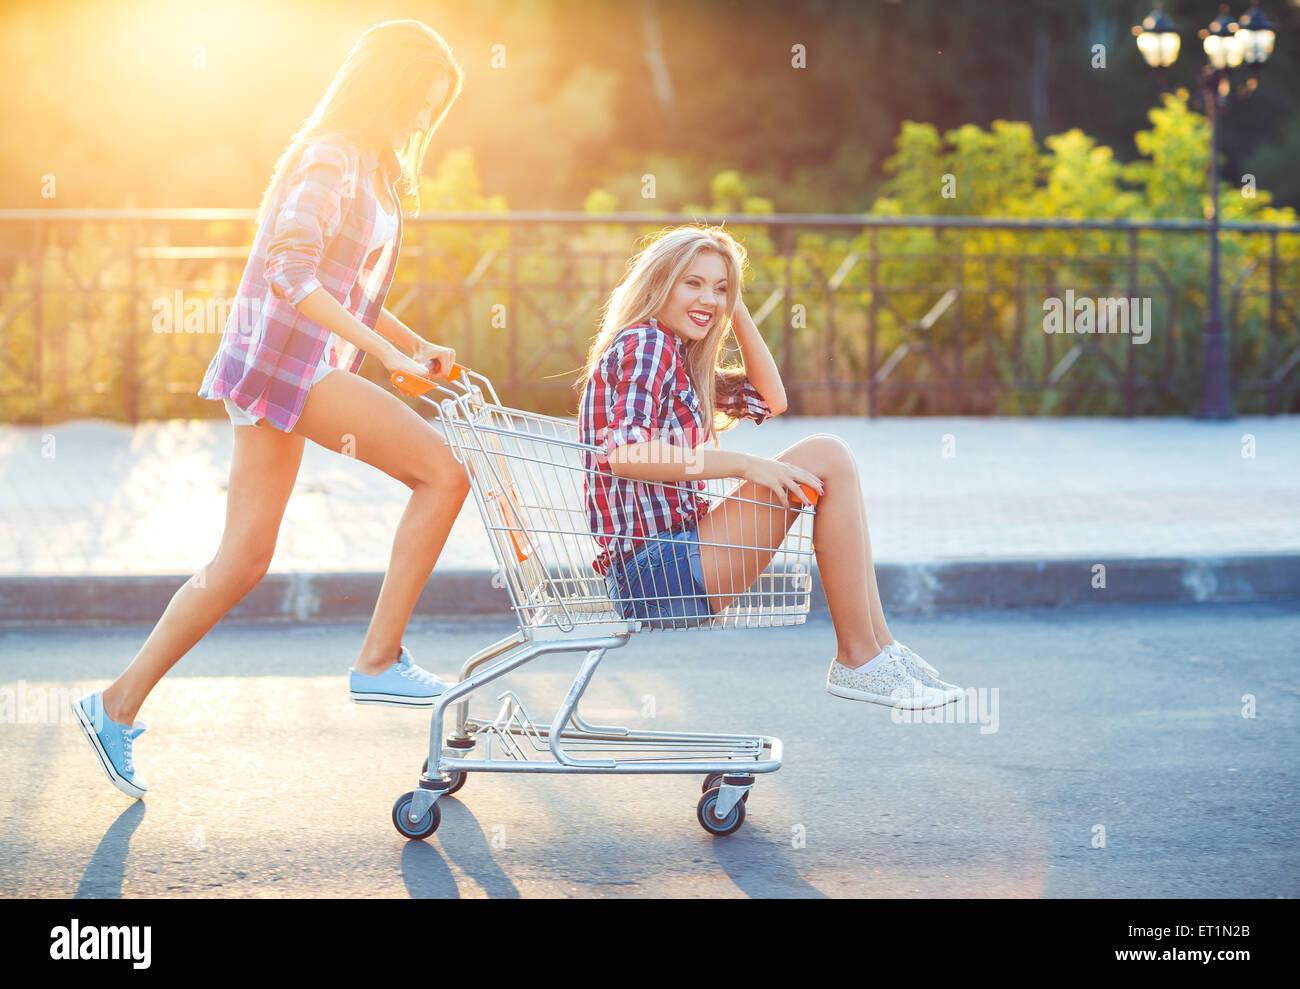 Feliz dos hermosas chicas adolescentes conducir compras en el exterior, el concepto de estilo de vida Imagen De Stock